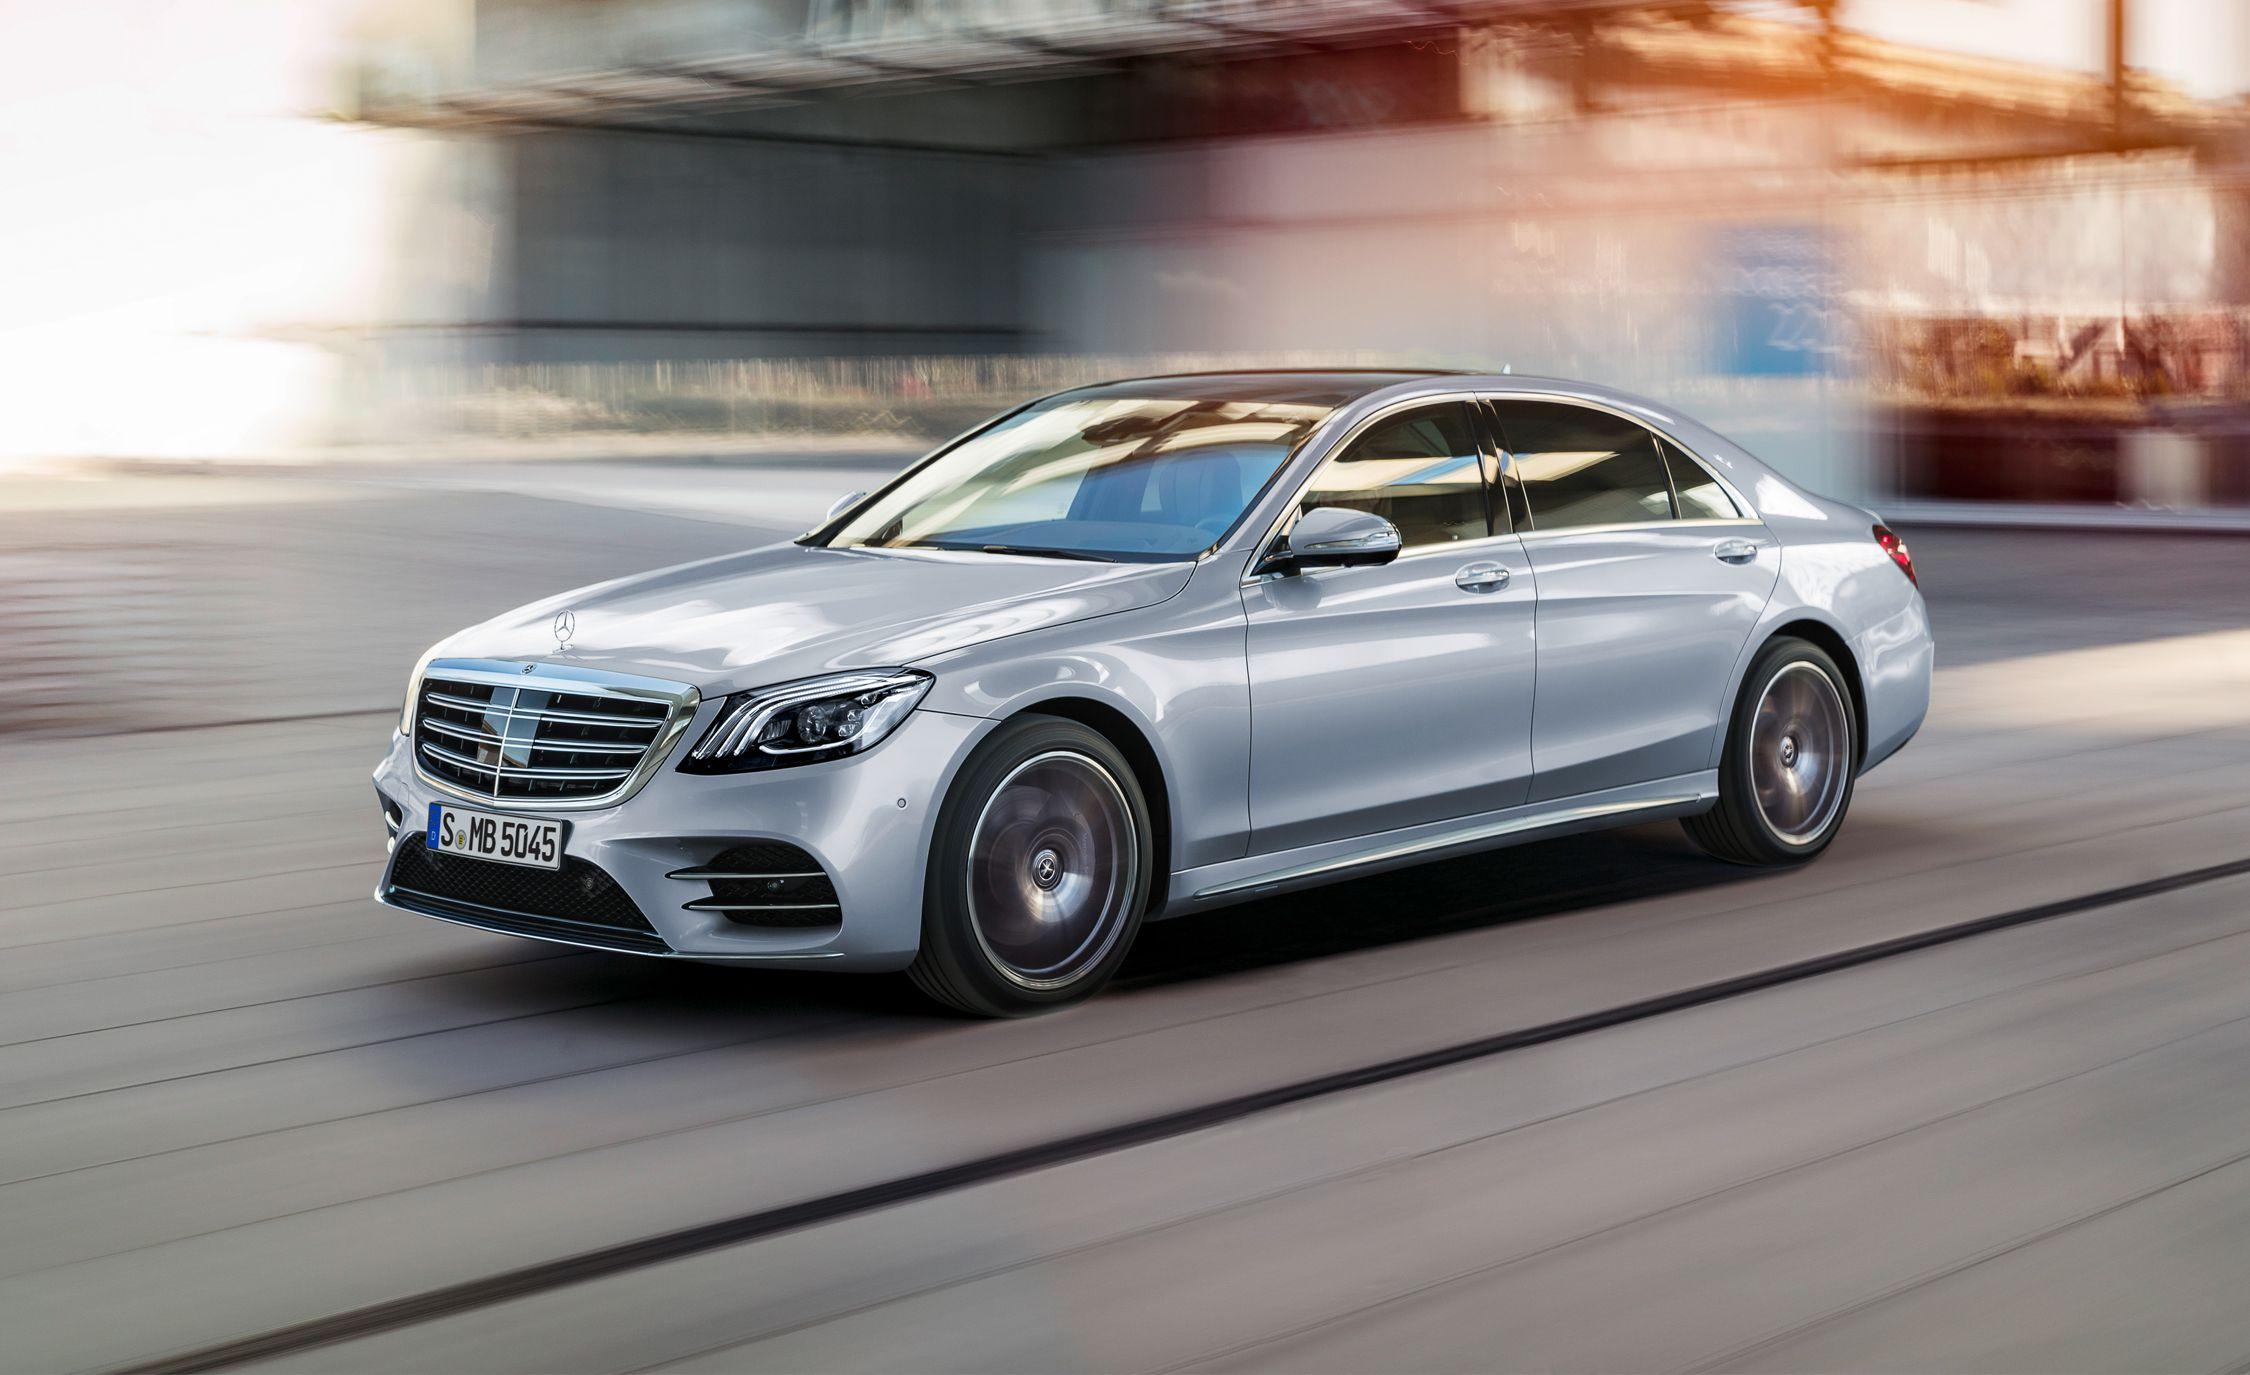 Mercedes će nastaviti da gura sličan dizajn kod C, E i S klase